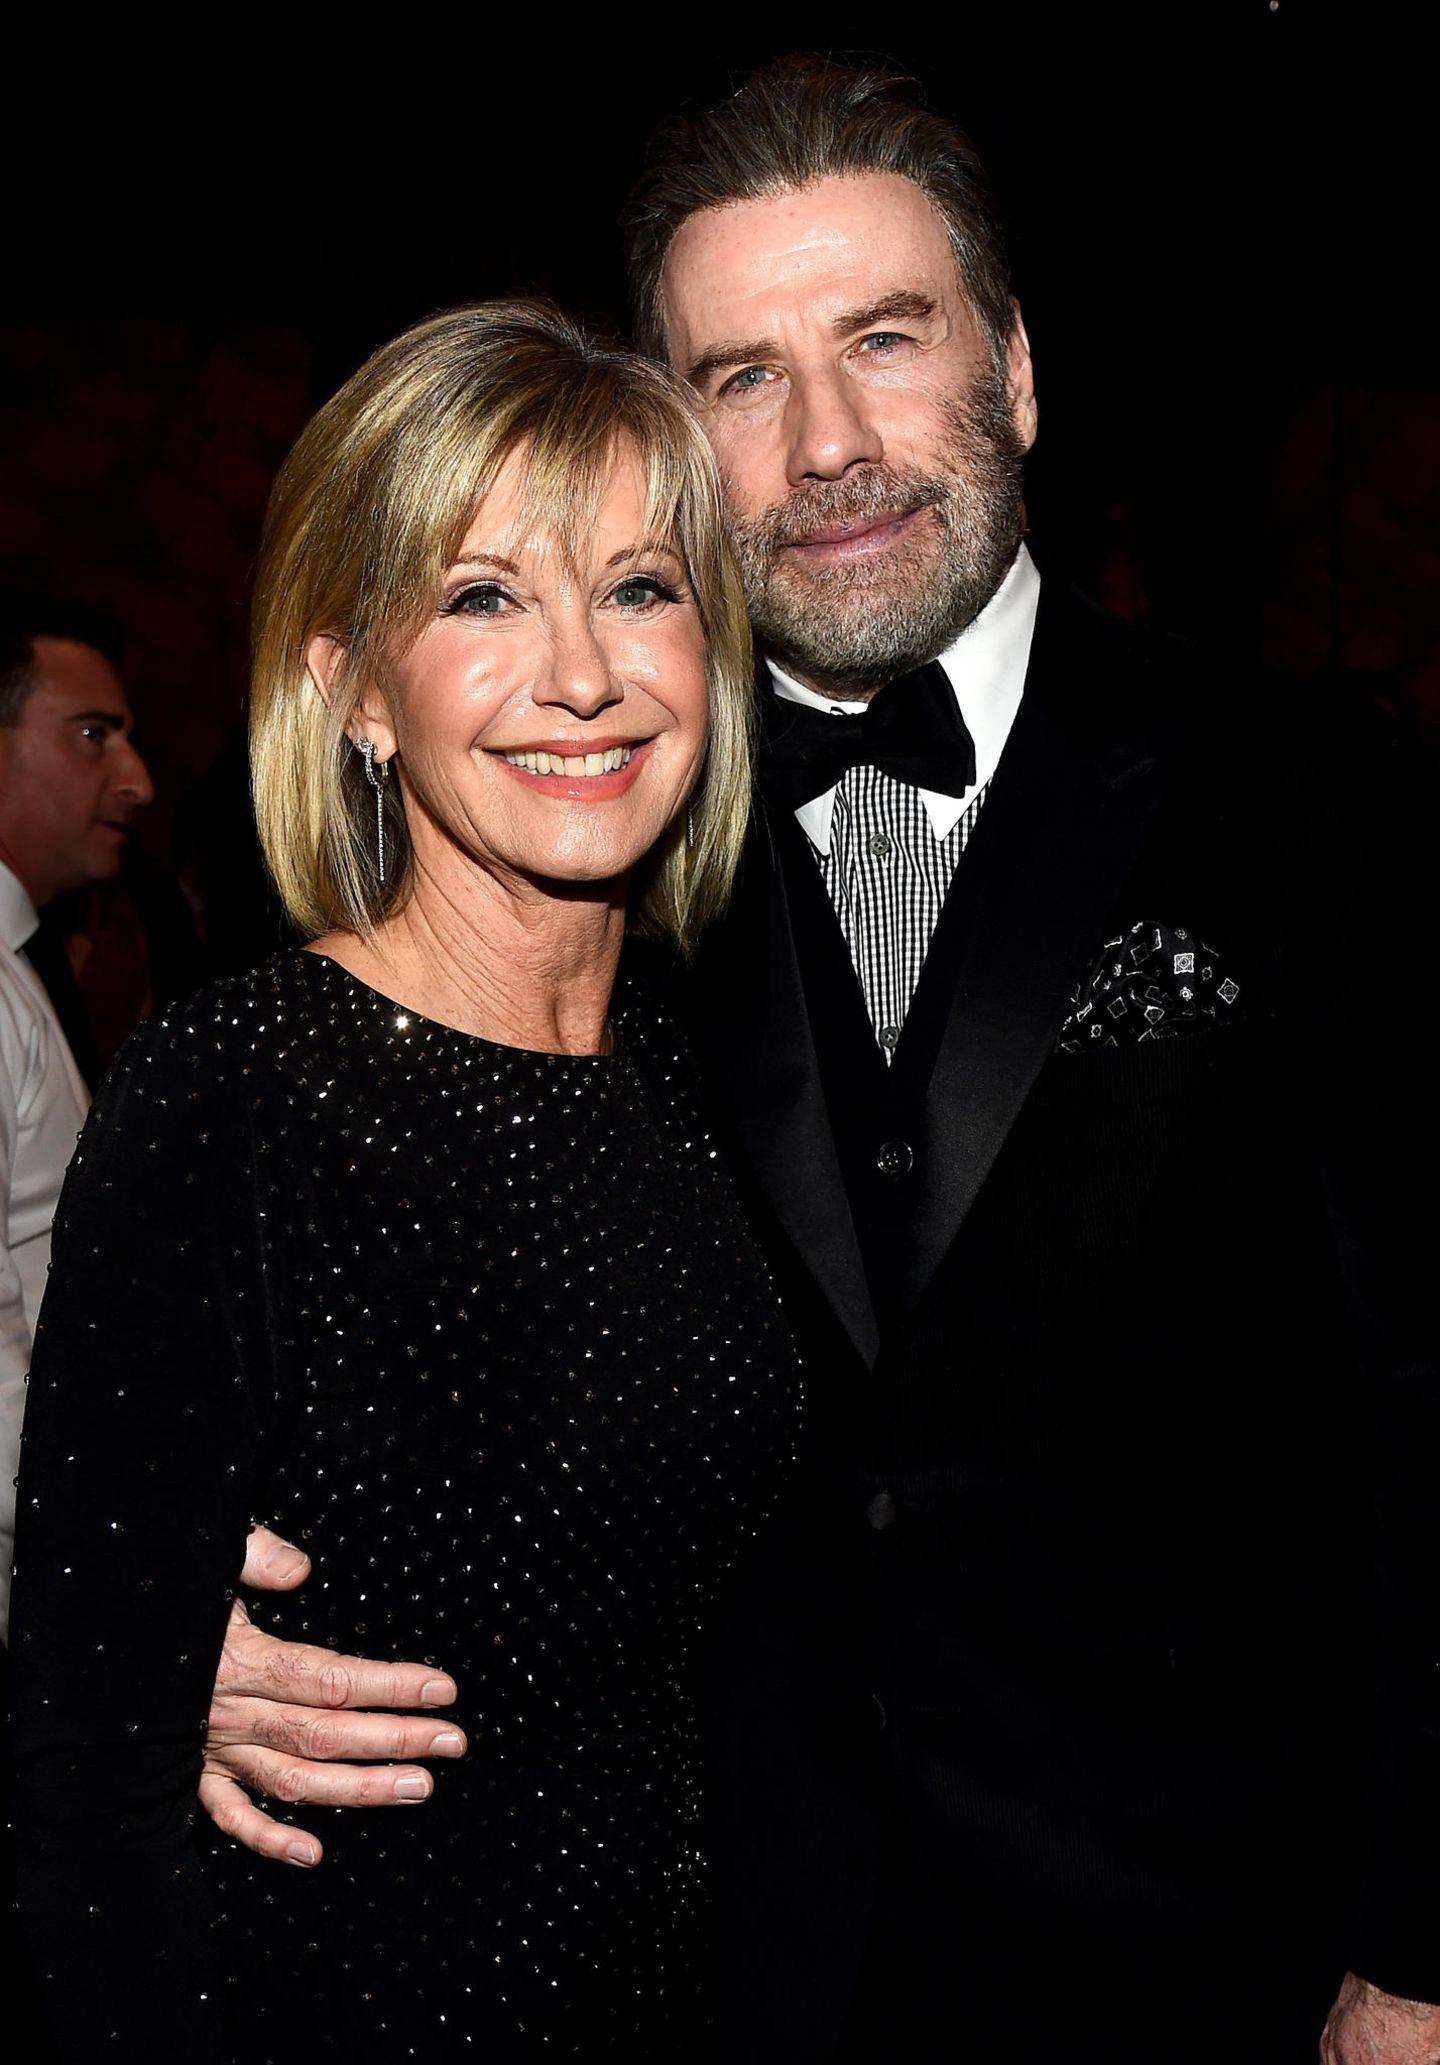 """Während der """"Black Tie""""-Gala in Los Angeles treffen Olivia Newton-John und John Travolta freudestrahlend aufeinander und lassen Fans in tanzfreudigen Erinnerungen schwelgen."""